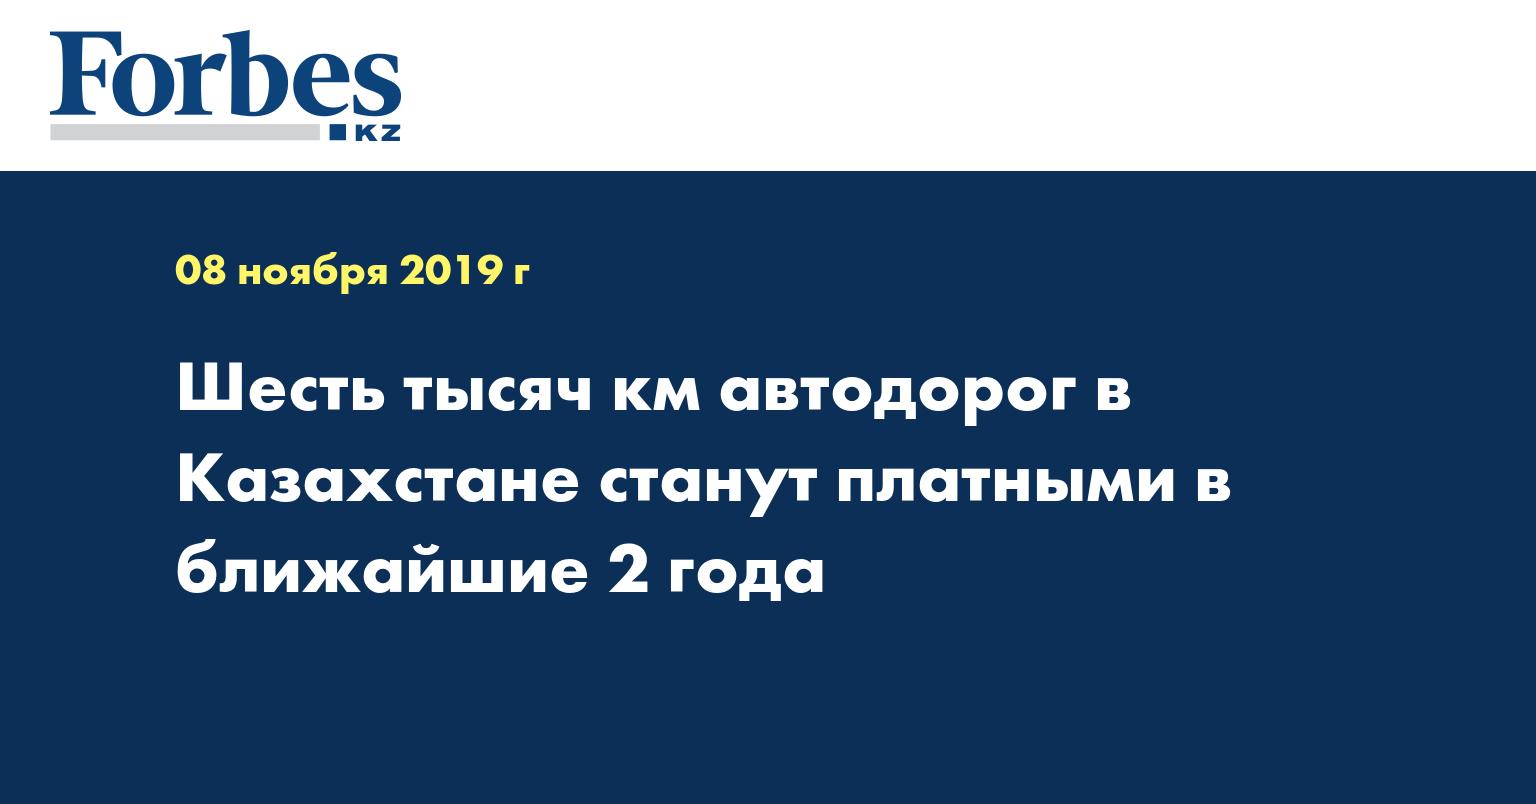 Шесть тысяч км автодорог в Казахстане станут платными в ближайшие 2 года